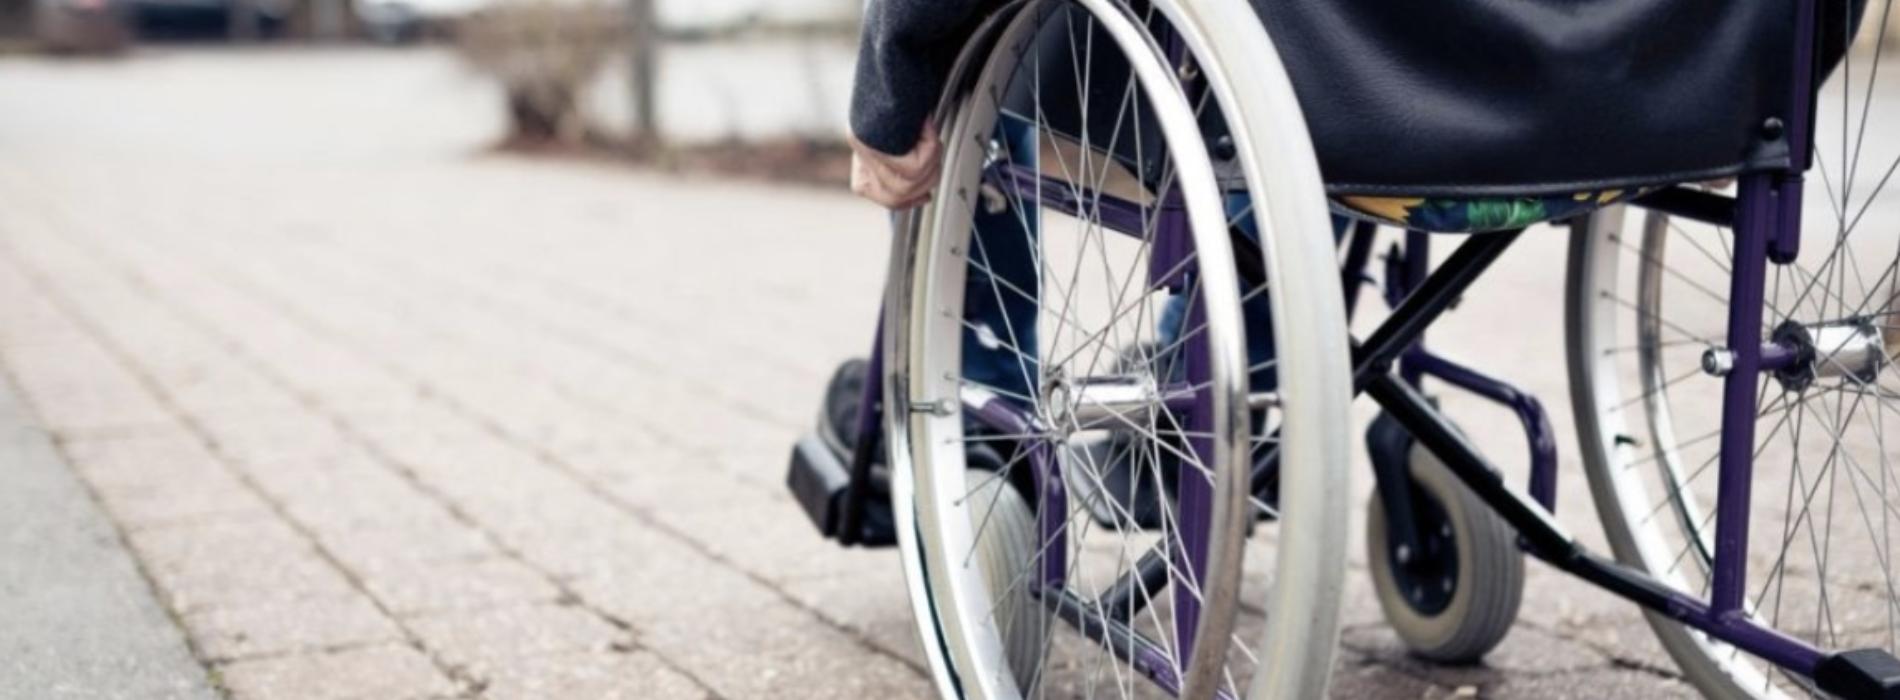 Vaccinare prima le persone con disabilità, lo chiede il Garante